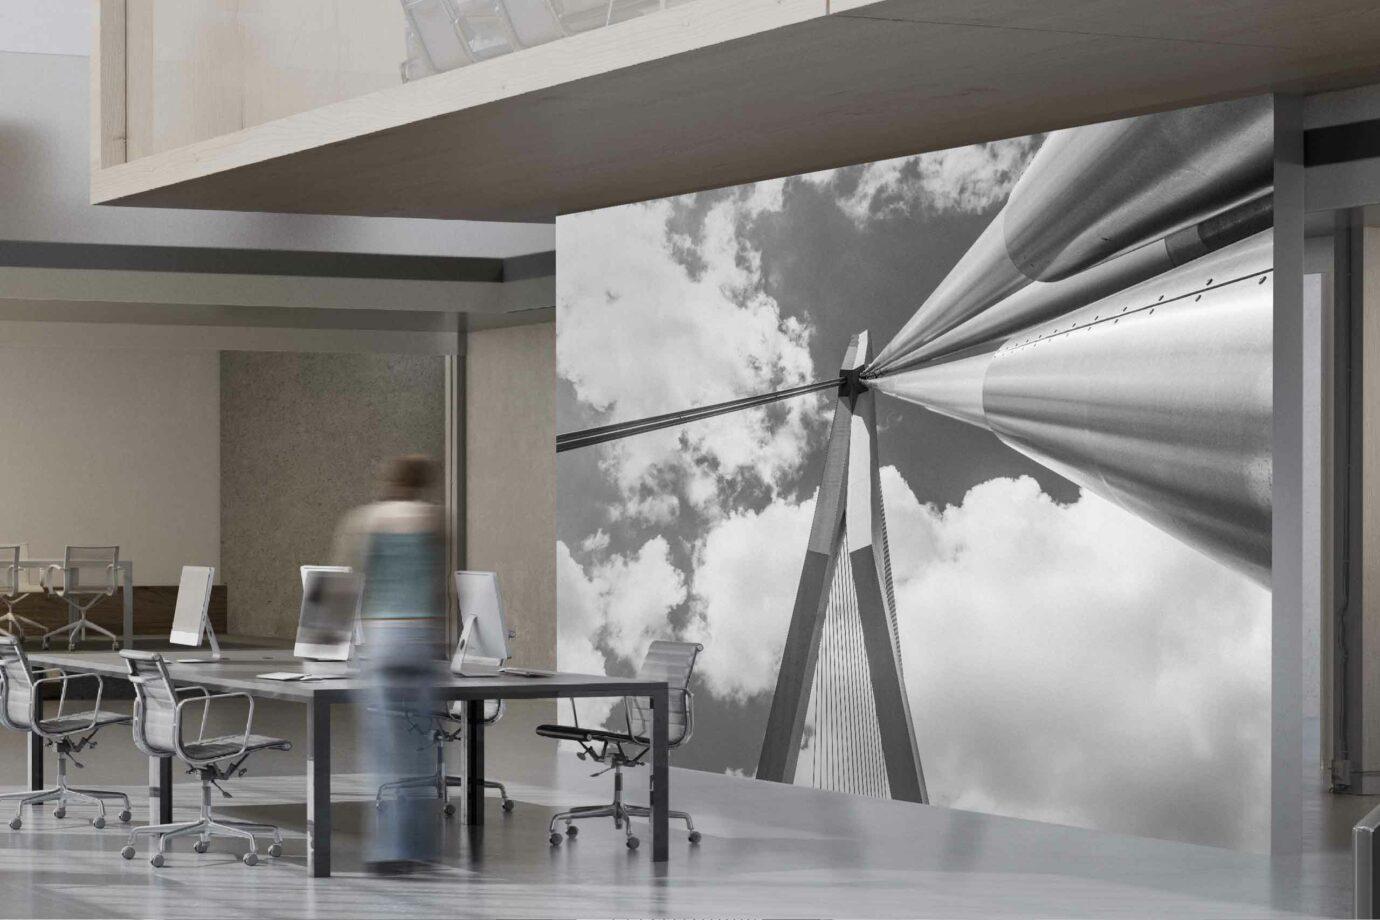 Erasmusbrug - De Zwaan brengt ons in de wolken